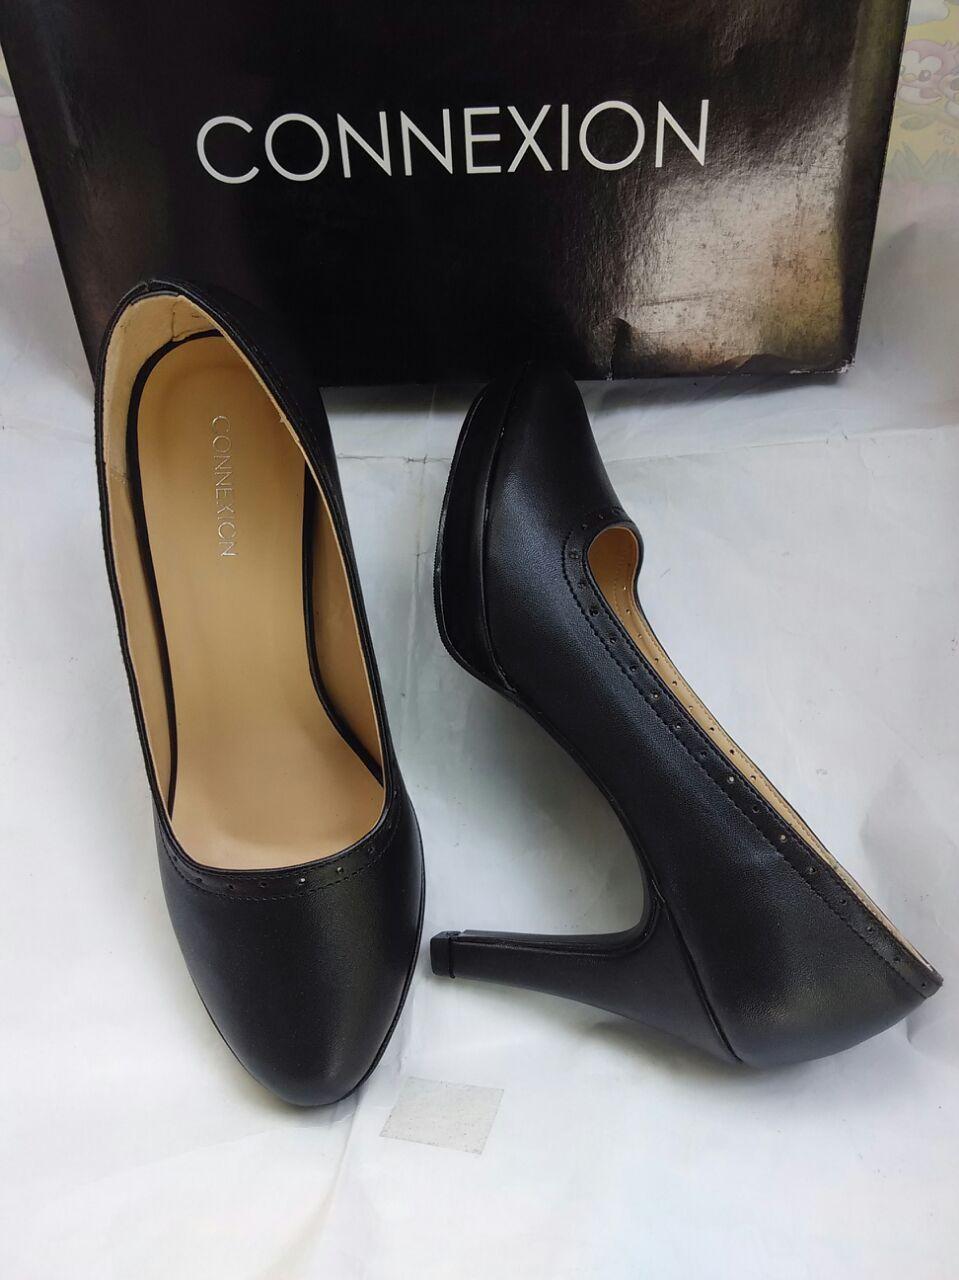 Jual Sepatu Wanita Jual Sepatu Wanita Terbaru Jual Sepatu Wanita